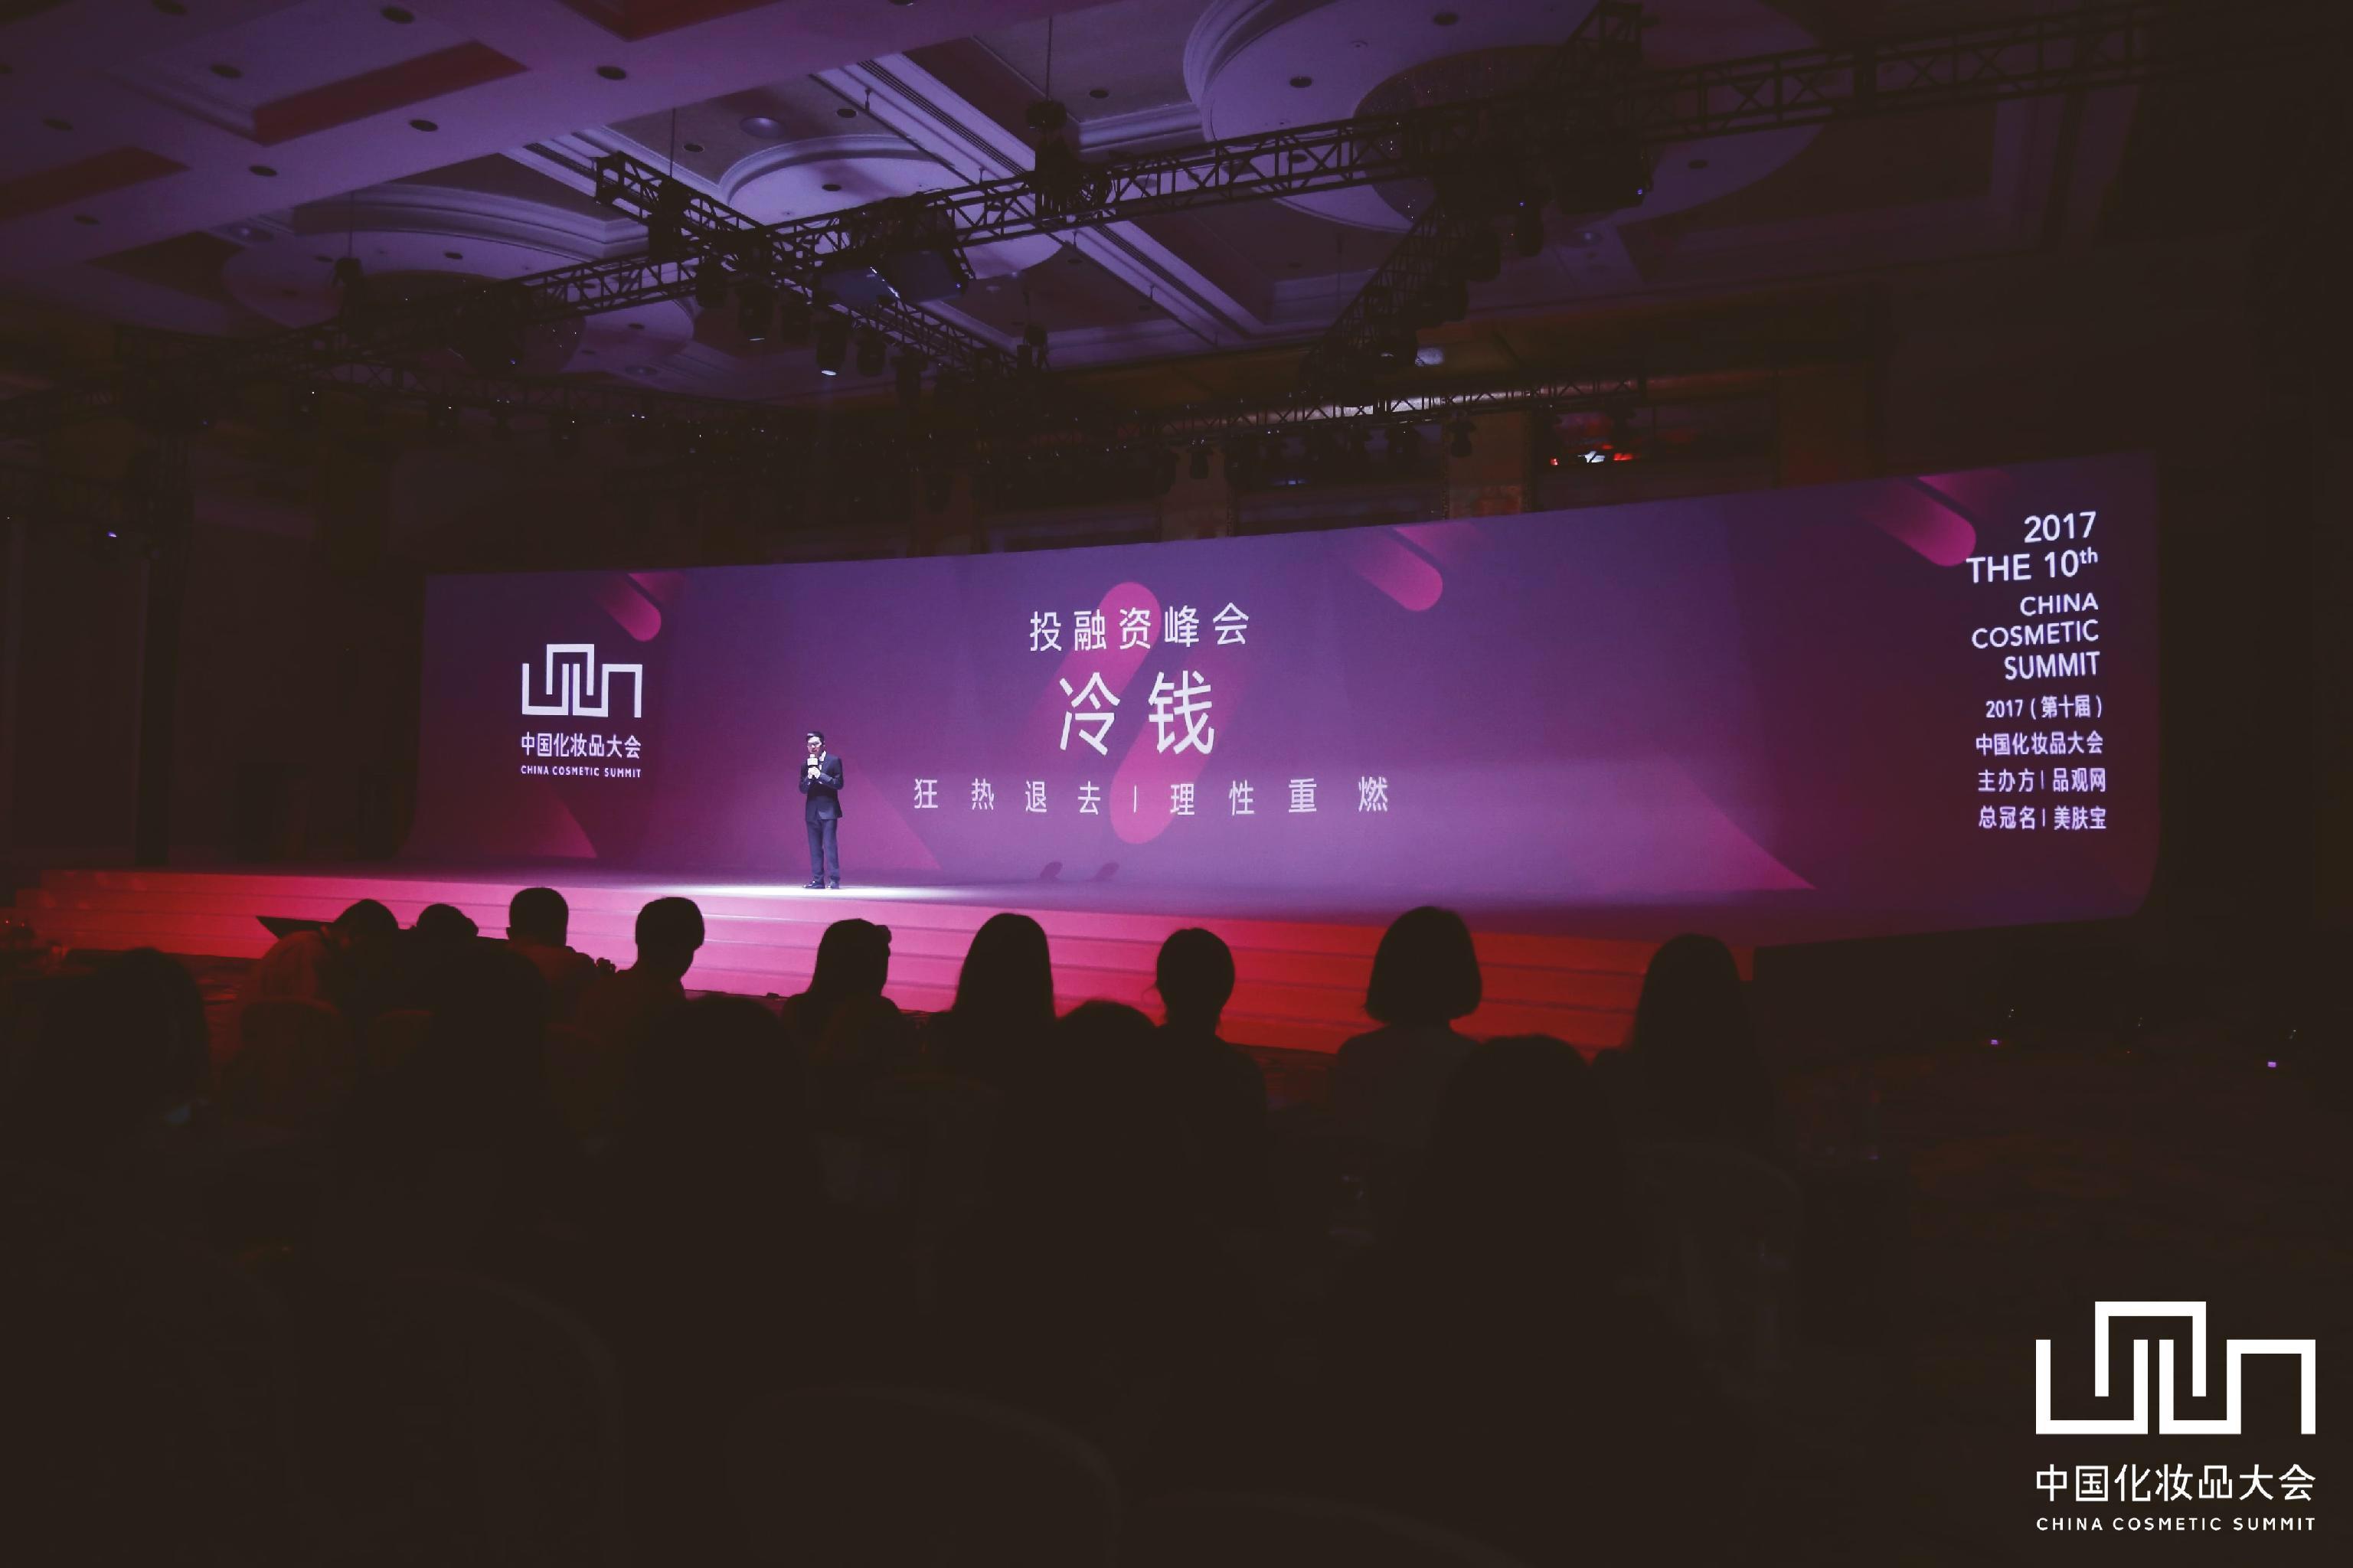 资本狂热退去 中国化妆品投融资进入新时期